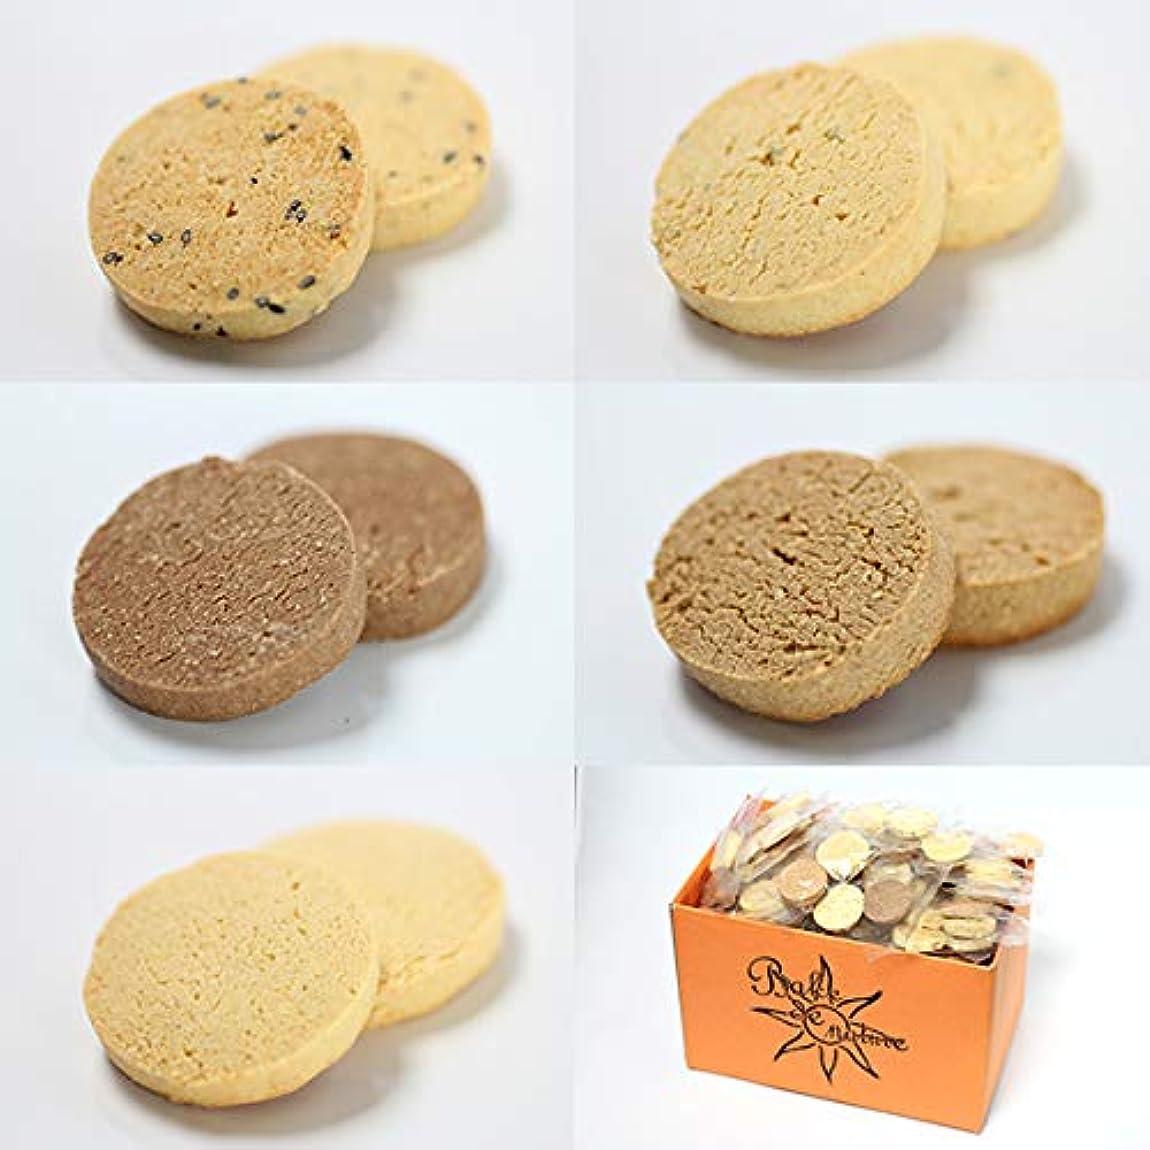 地球ピーブくびれた新感覚!大人気5種類!Triple Free 豆乳おからクッキー 1kg(個包装)小麦粉不使用のダイエットクッキー